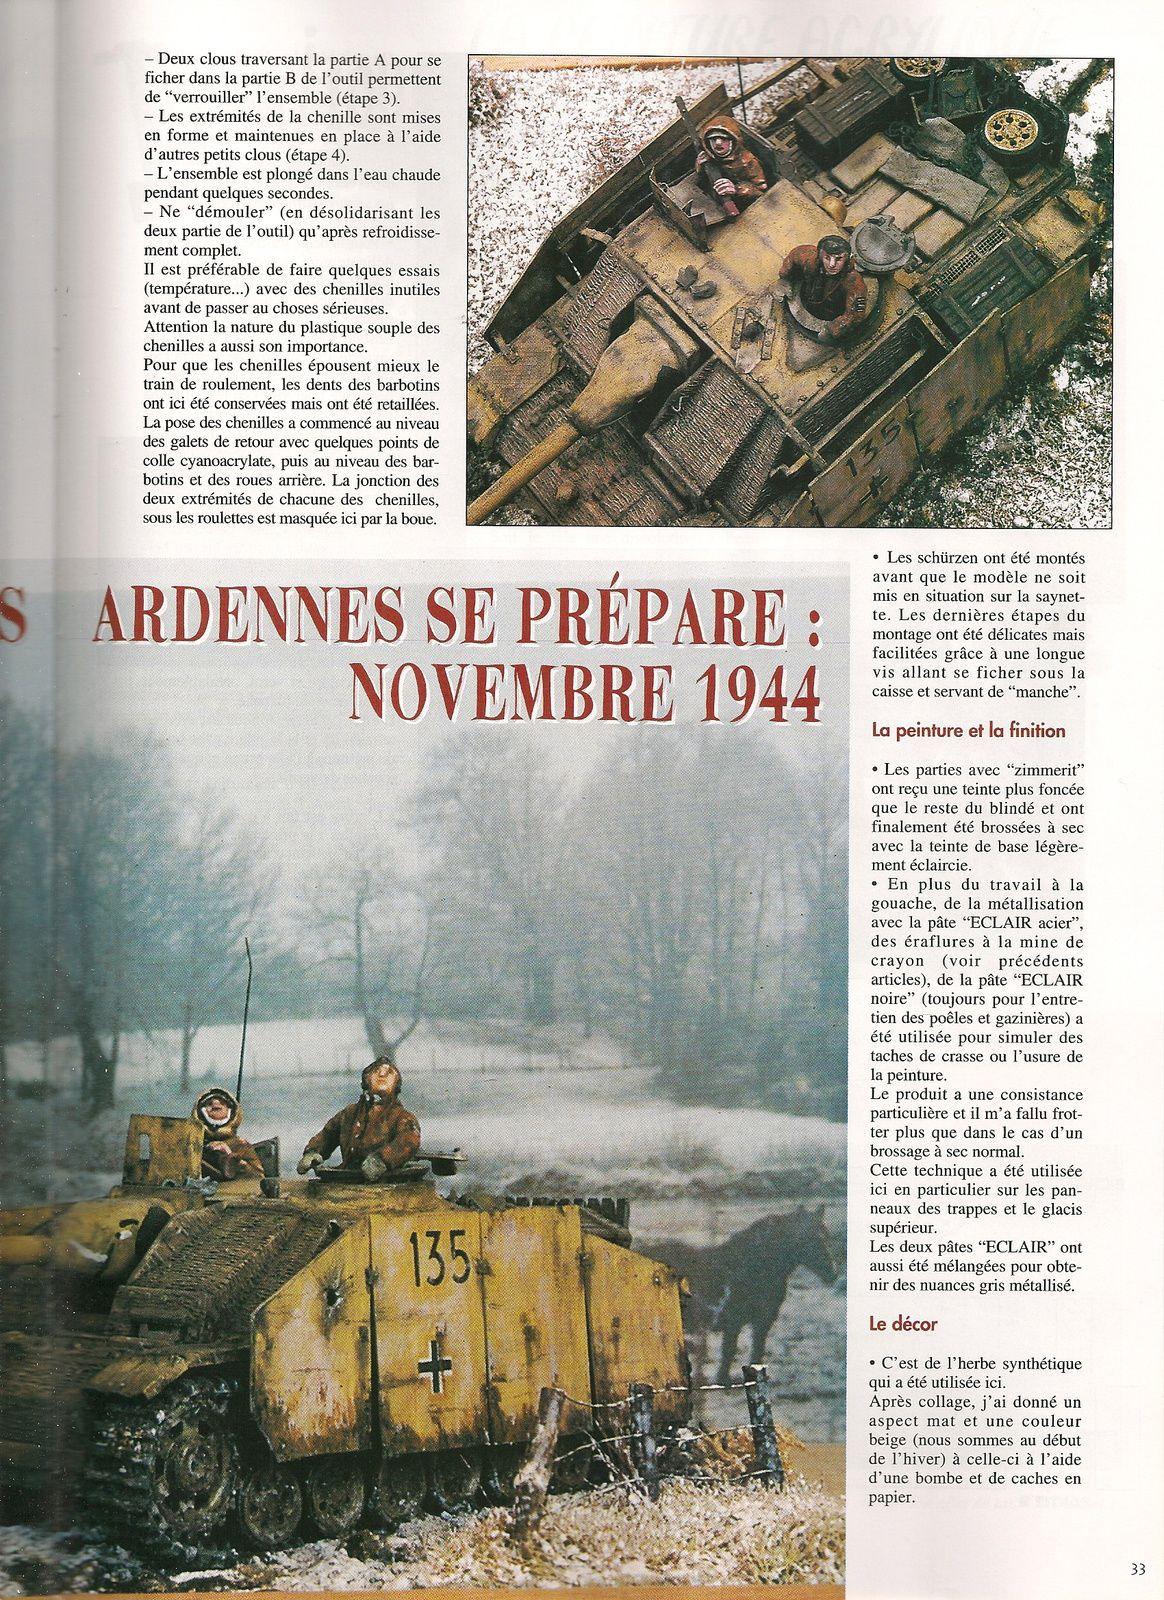 l'Offensive des Ardennes se prépare Novembre 1944